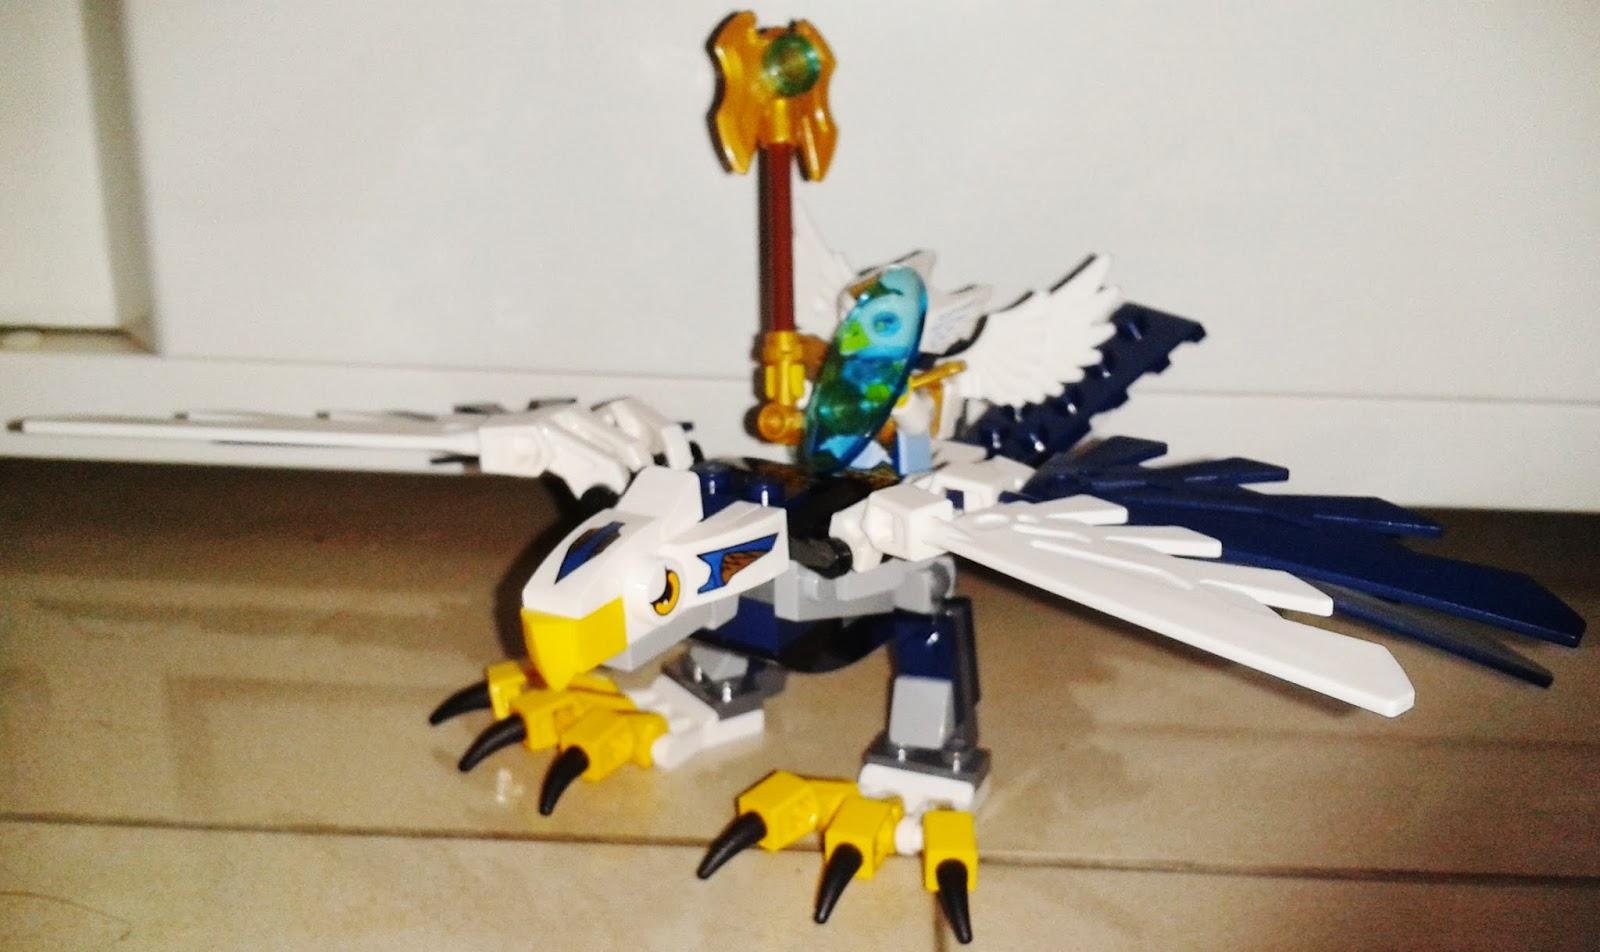 lego chima eagle legend beast - photo #11